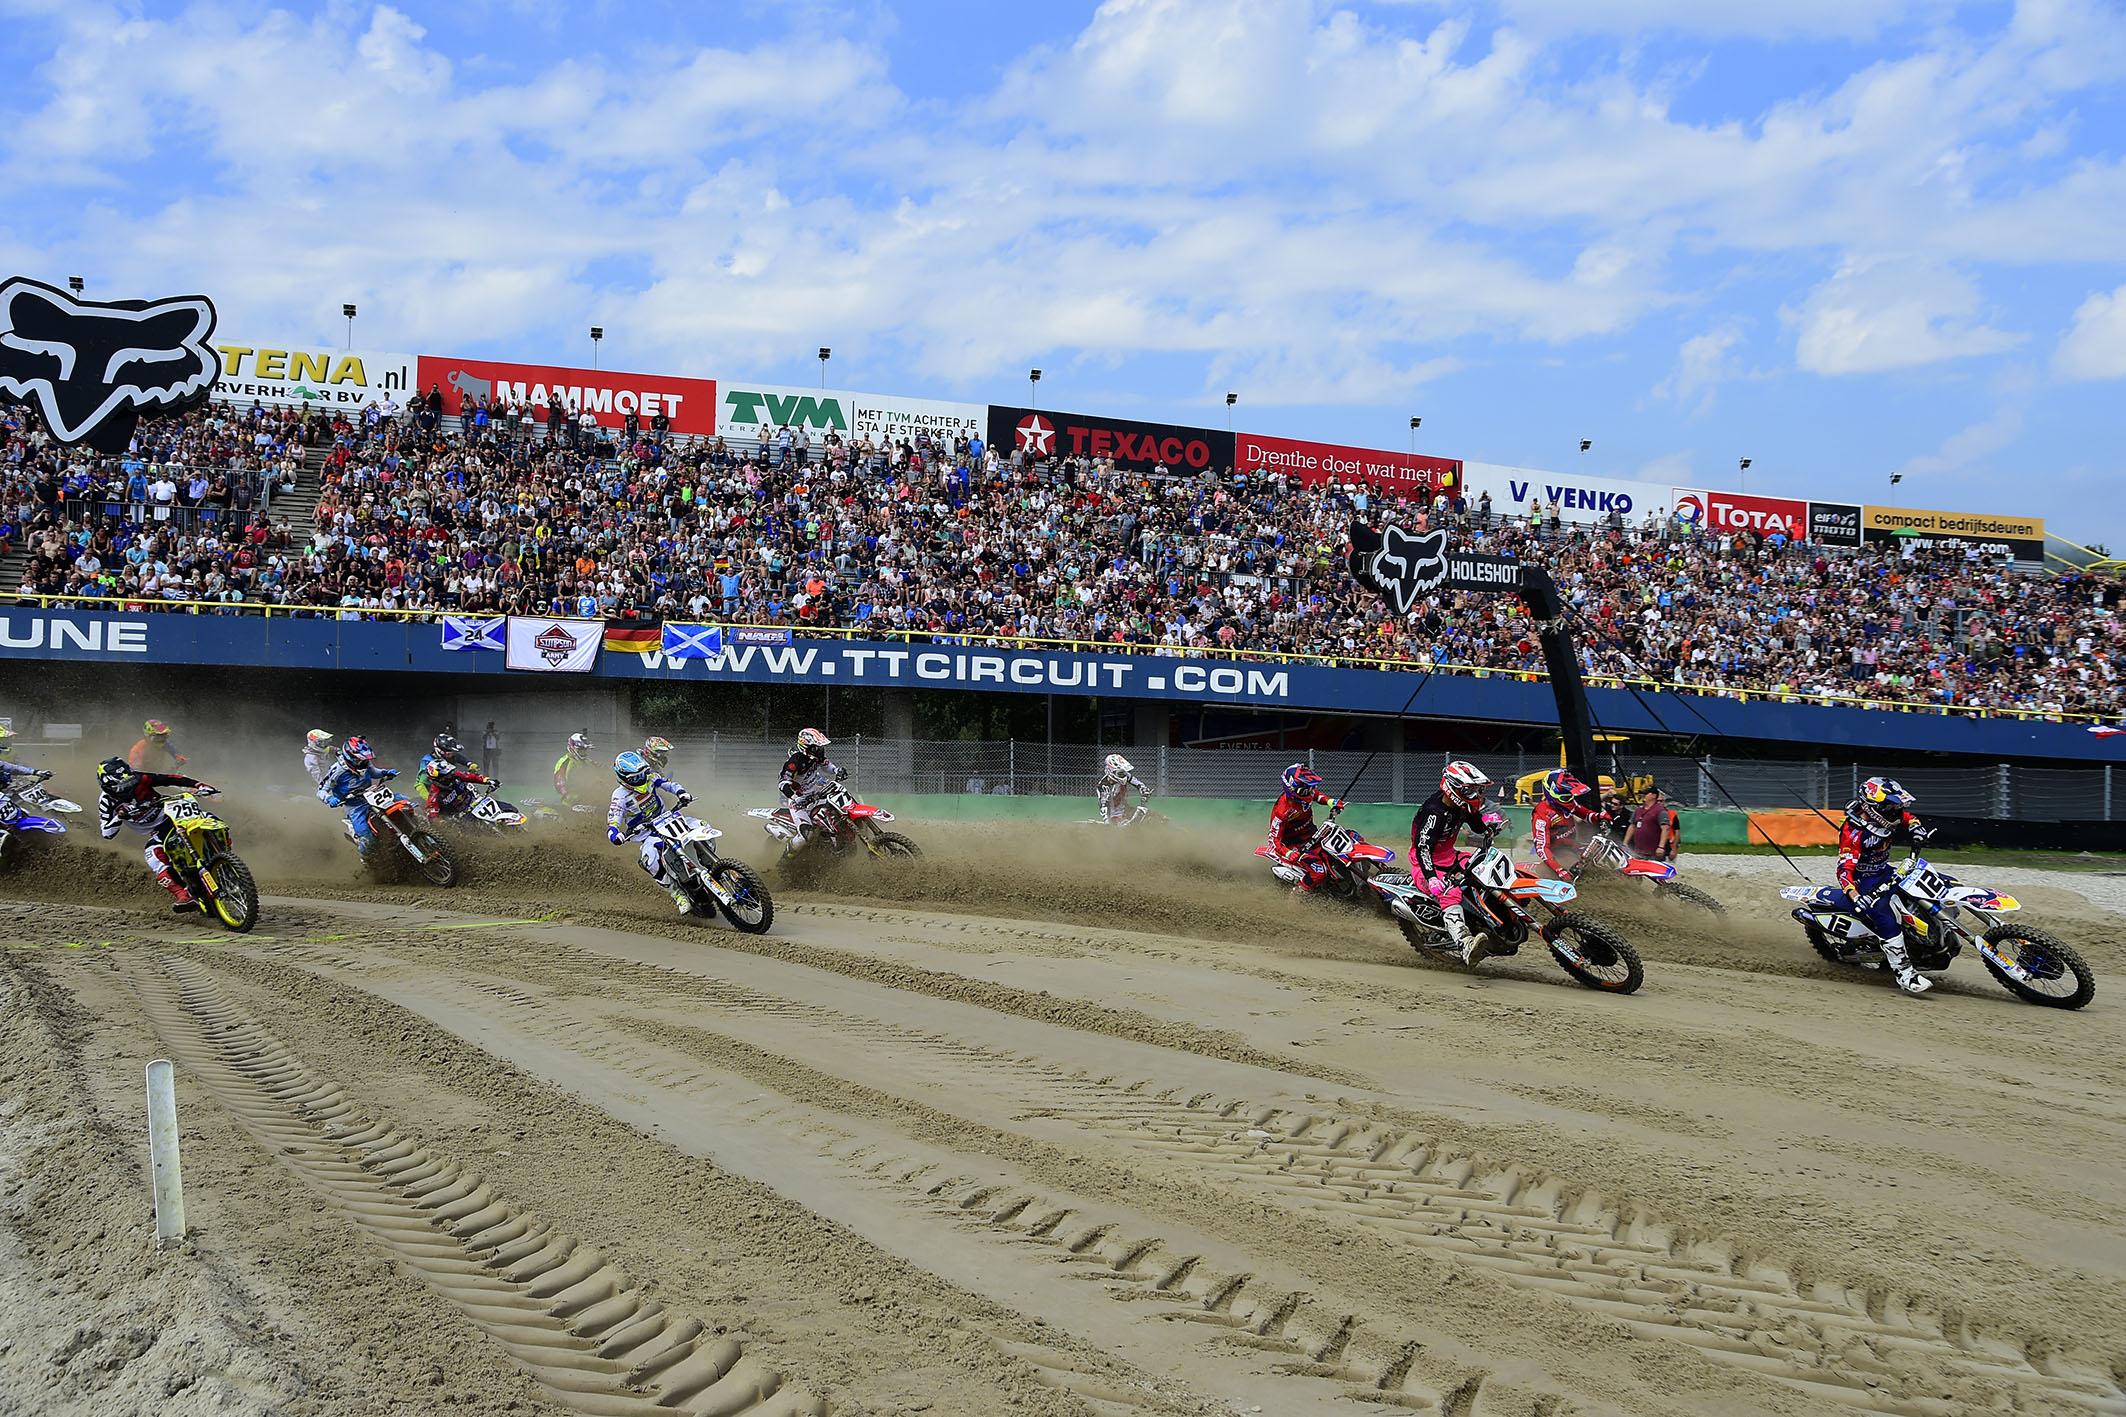 Wereldkampioenschap Motorcross opnieuw in Assen